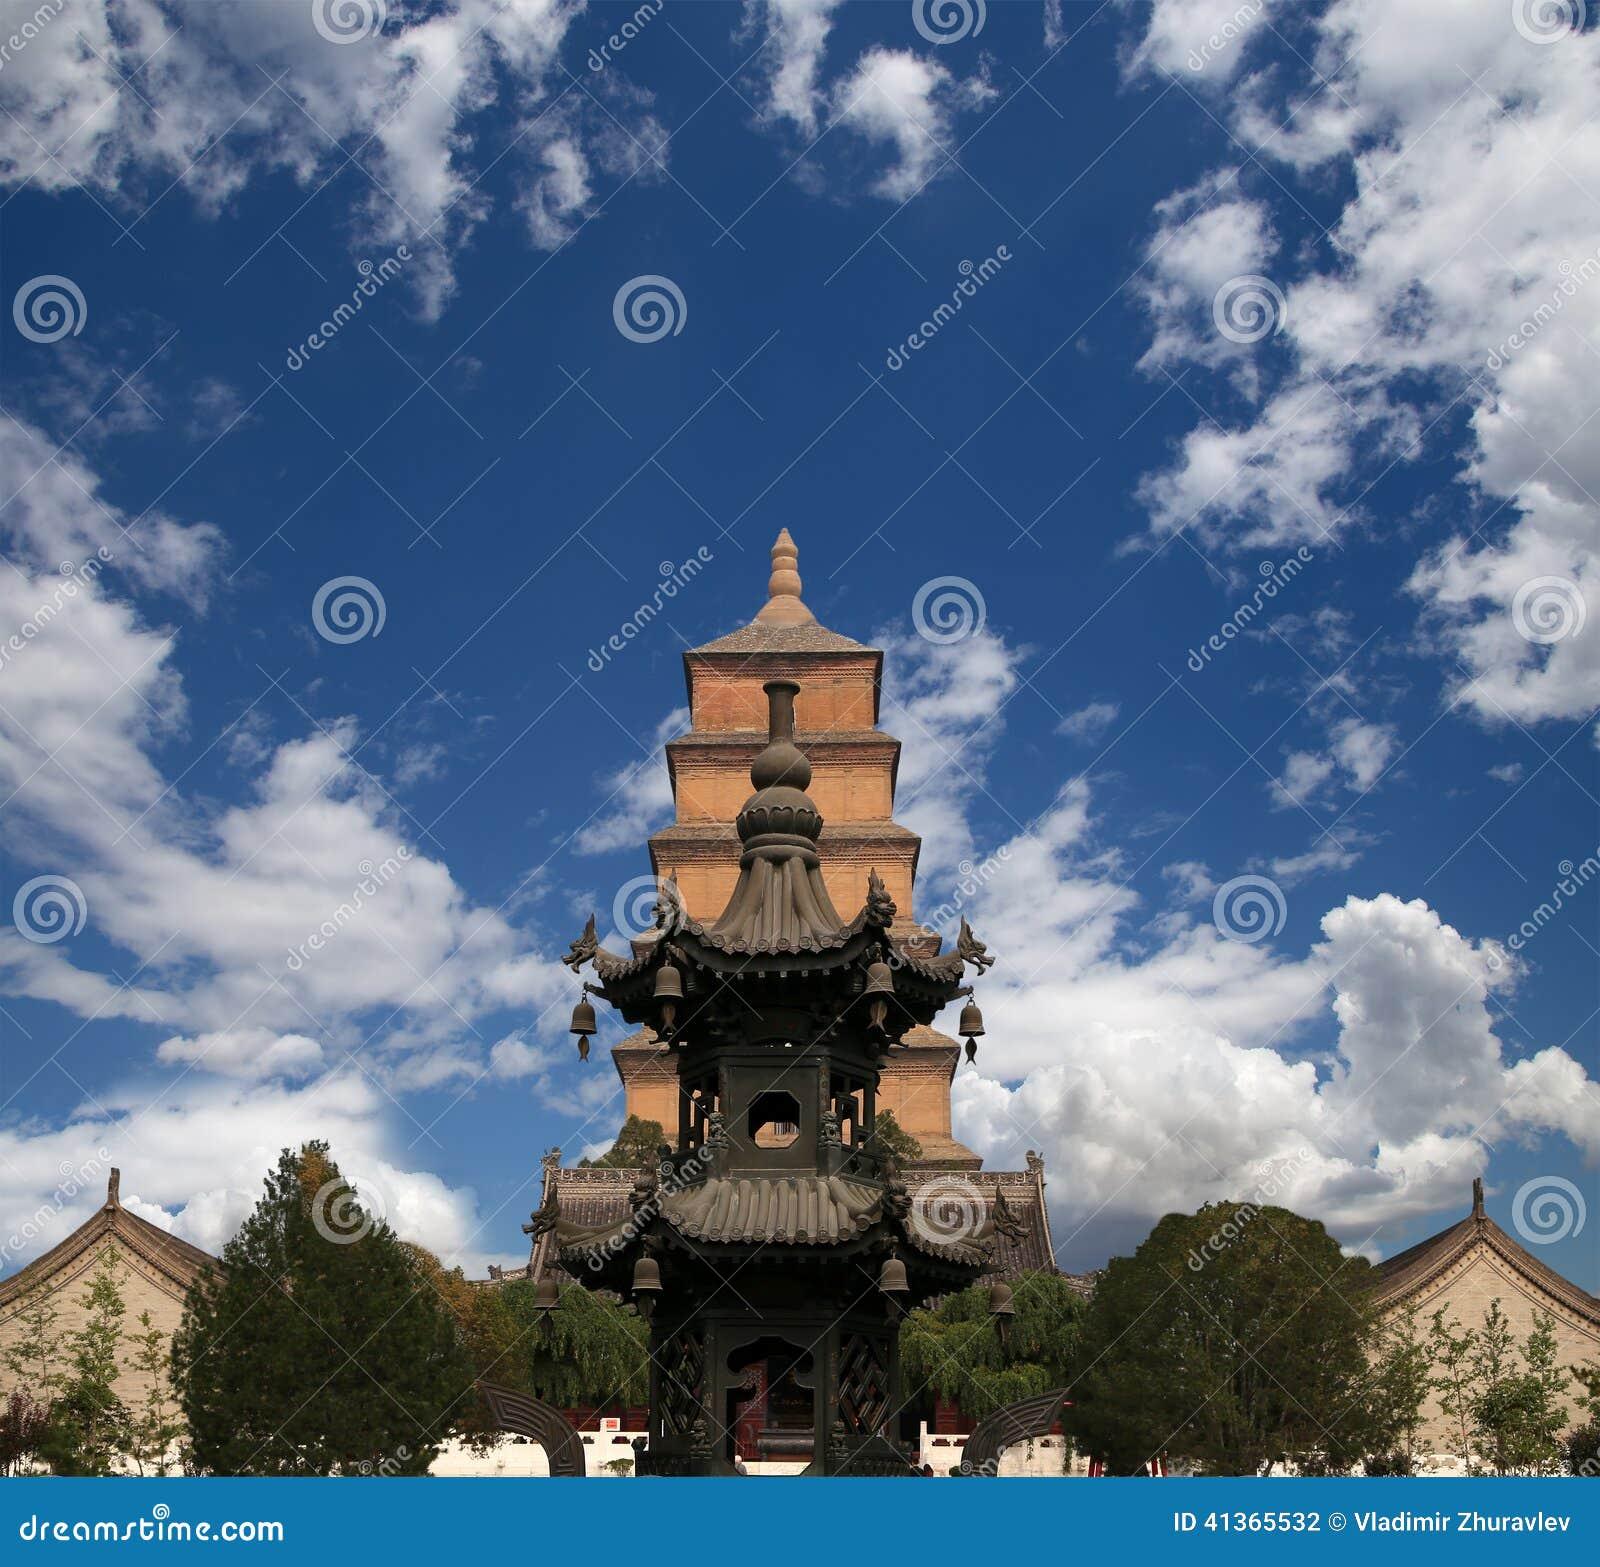 Giant Wild Goose Pagoda, Xian (Sian, Xi an), Shaanxi province, China